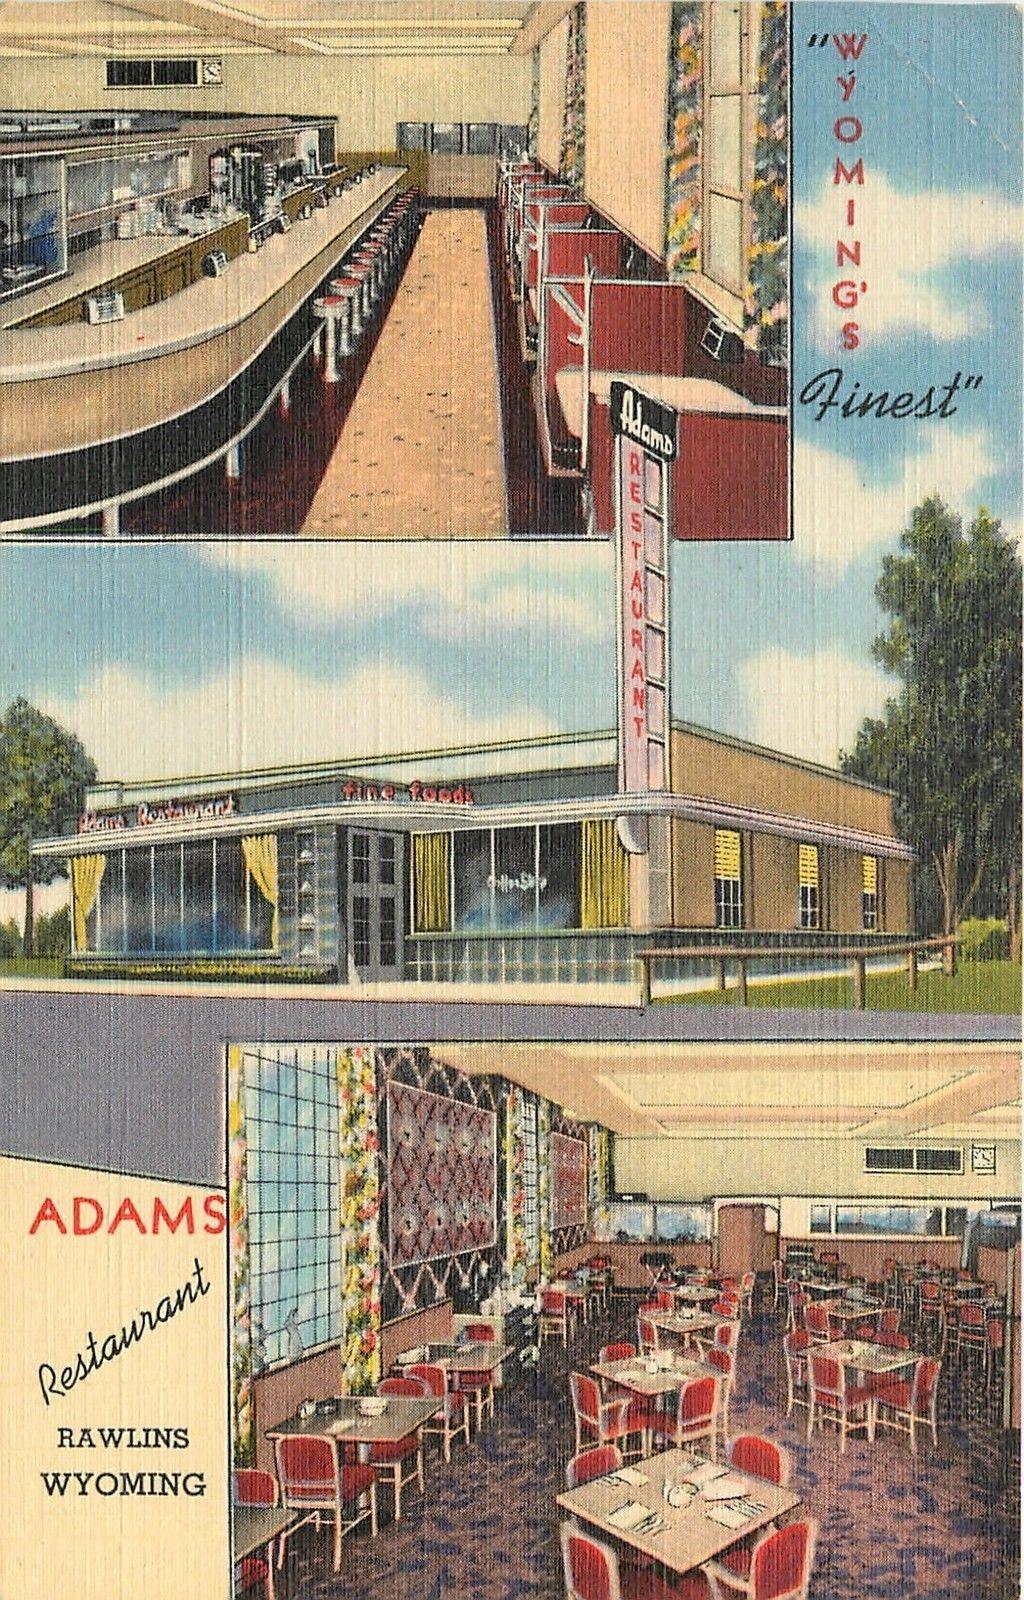 Rawlins Wyoming Adams Restaurant Us Hwy 30 1947